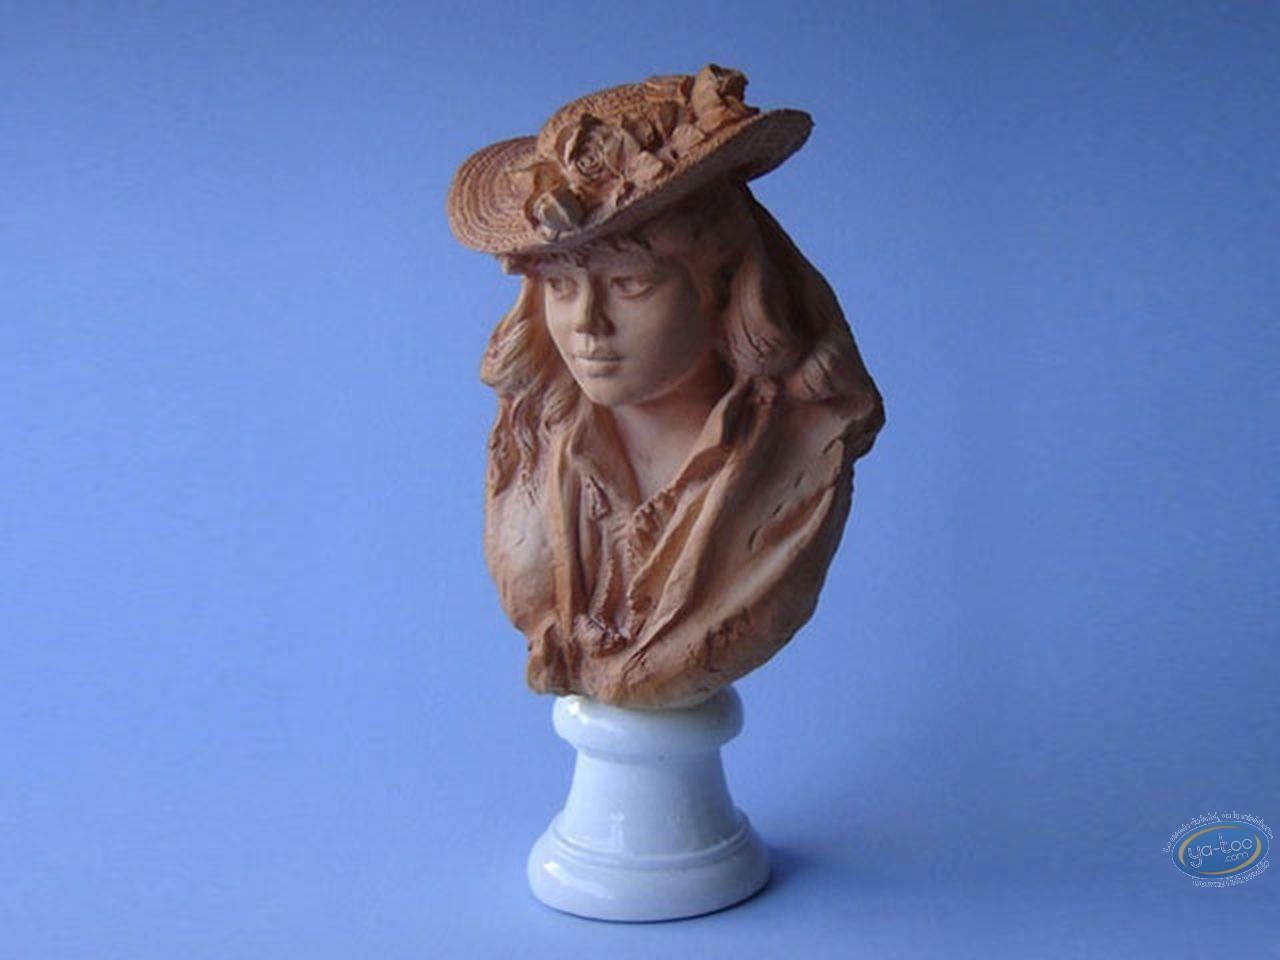 Statuette résine, Tableaux en 3D : Rodin - Rose Beuret